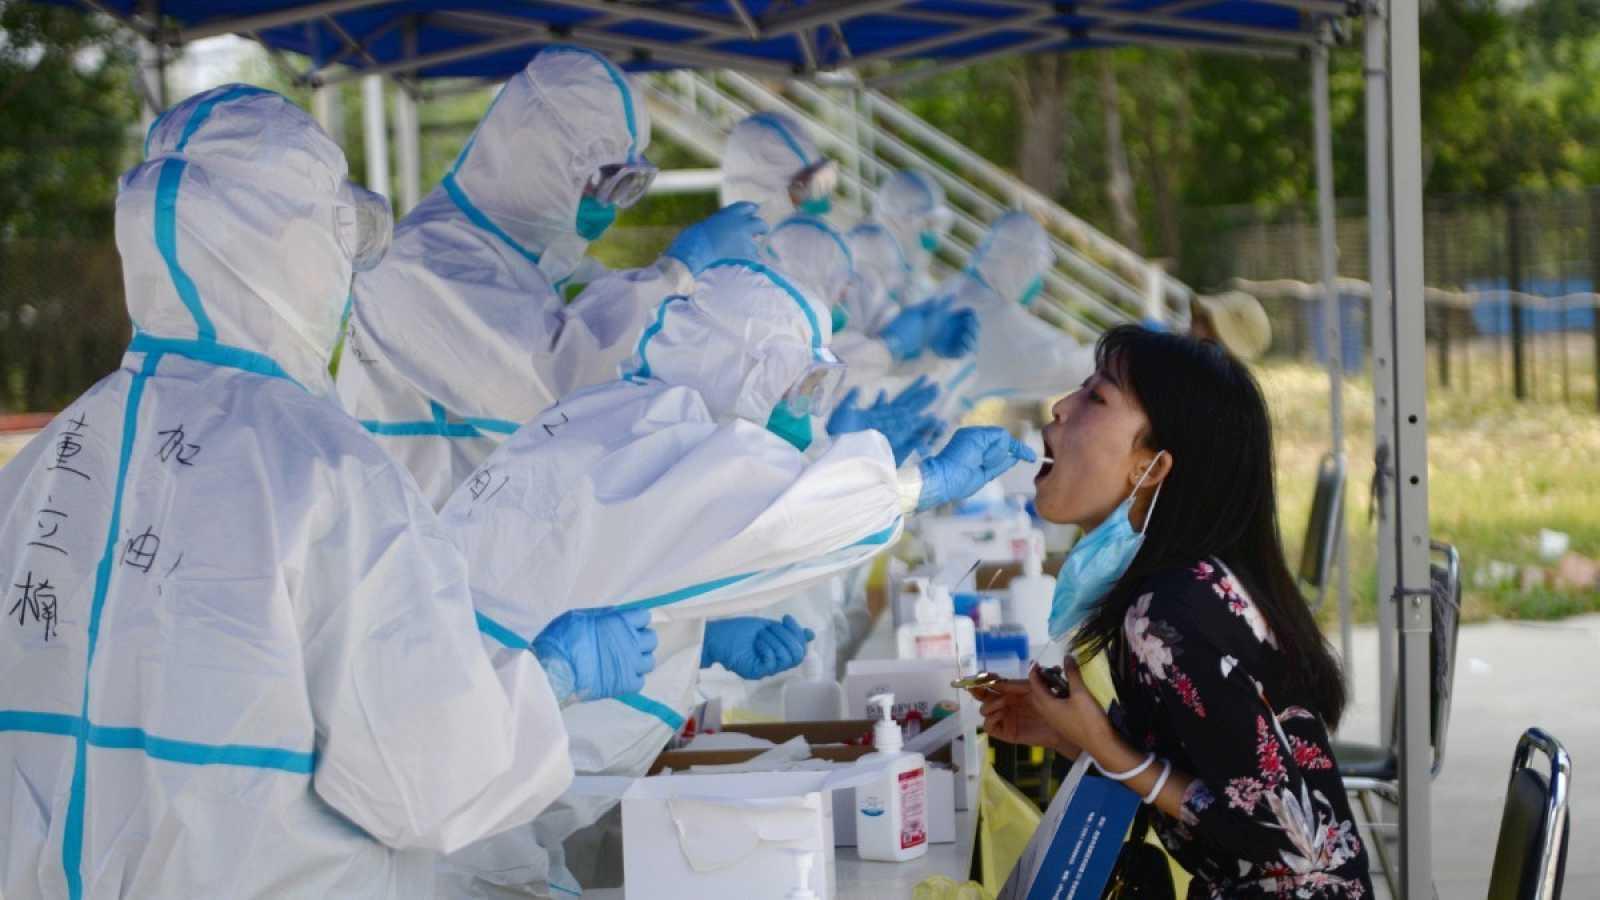 Trabajadores sanitarios chinos realizan pruebas de coranavirus a una residente, después de un brote en Pekín